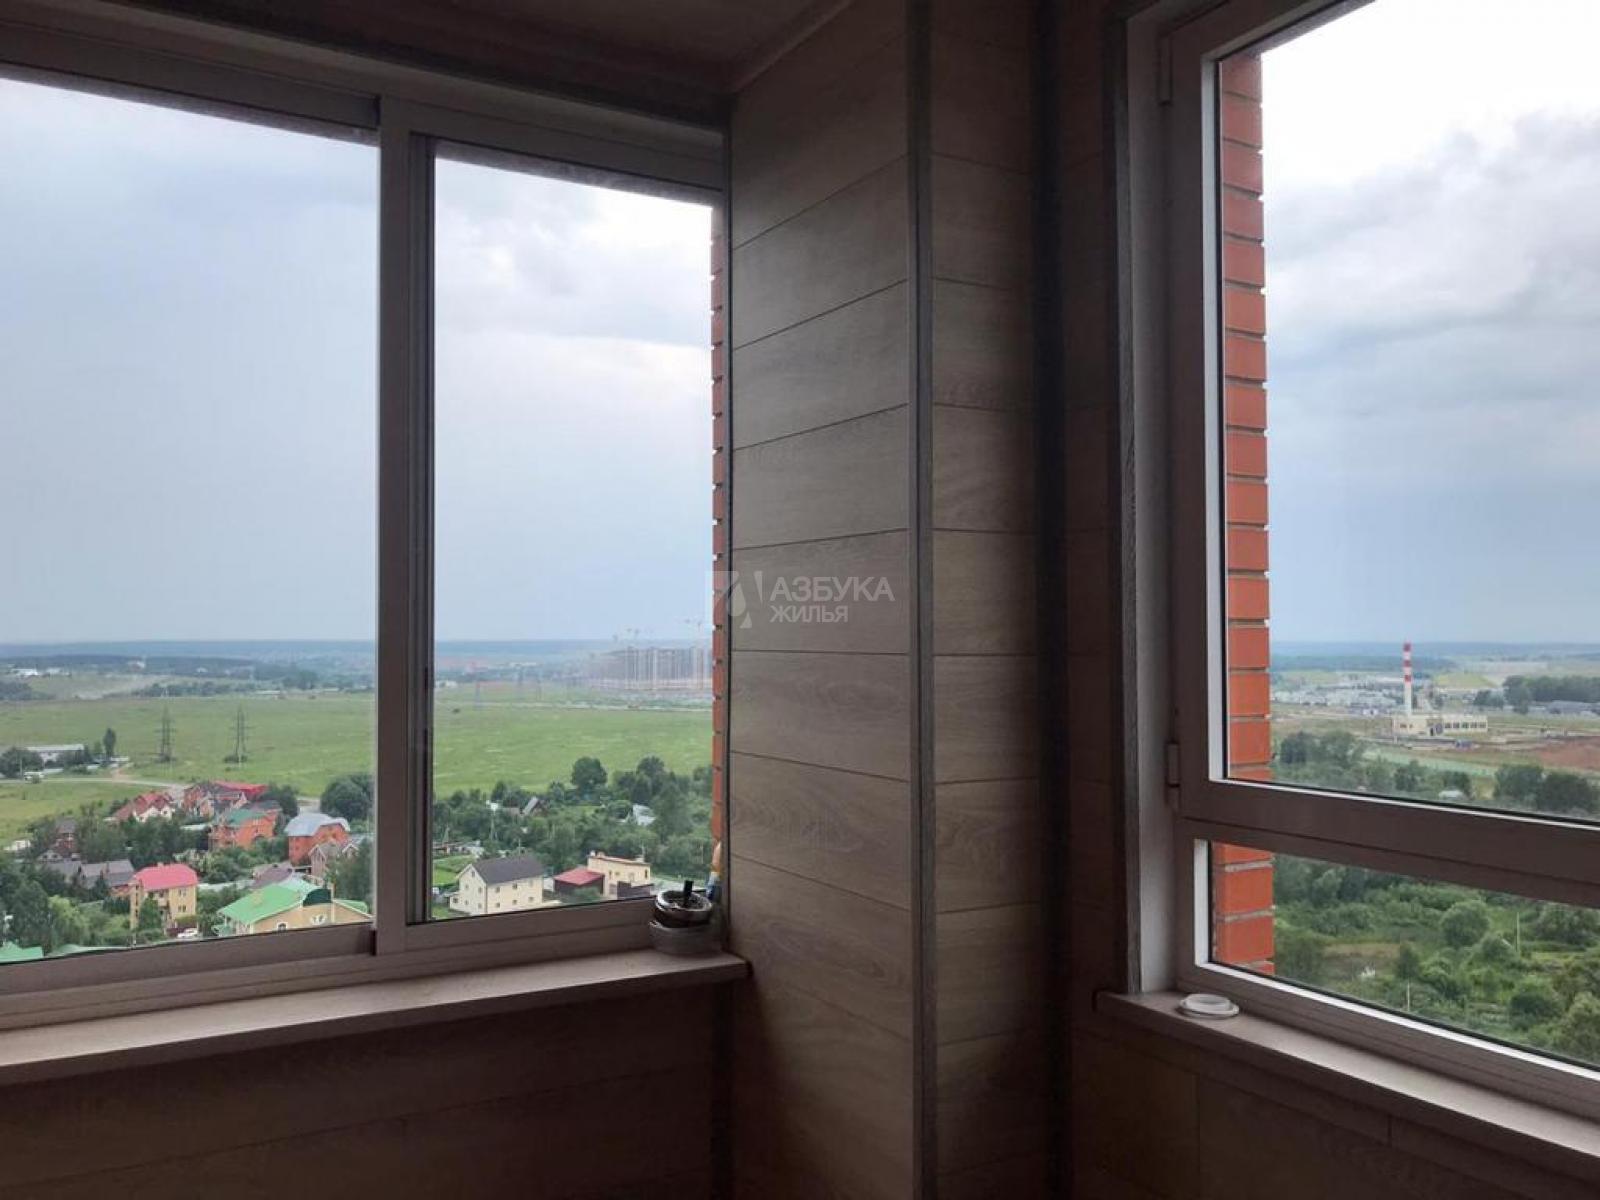 Фото №7 - 2-комнатная квартира, Москва, город Щербинка, Барышевская Роща улица 18, метро Бульвар Дмитрия Донского